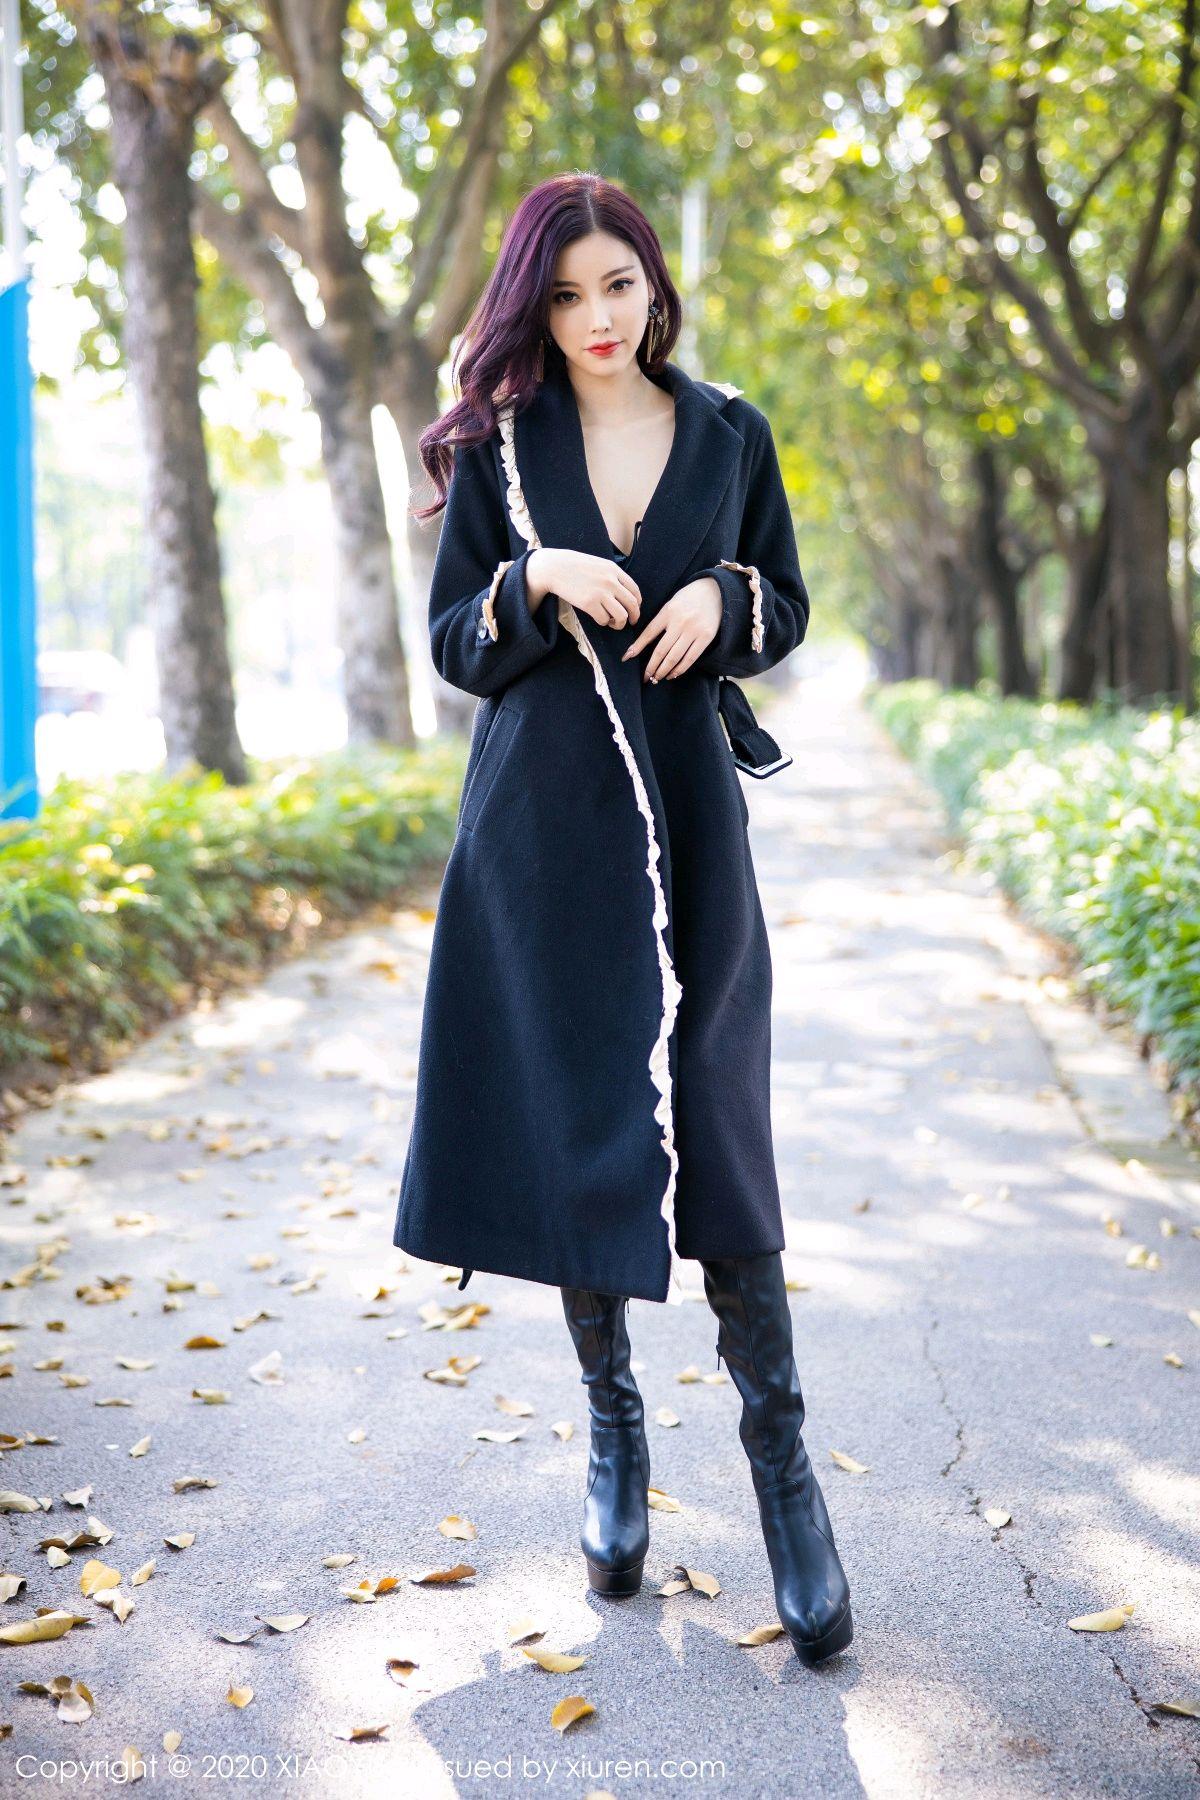 [XiuRen] Vol.338 Yang Chen Chen 3P, Outdoor, Tall, Xiuren, Yang Chen Chen